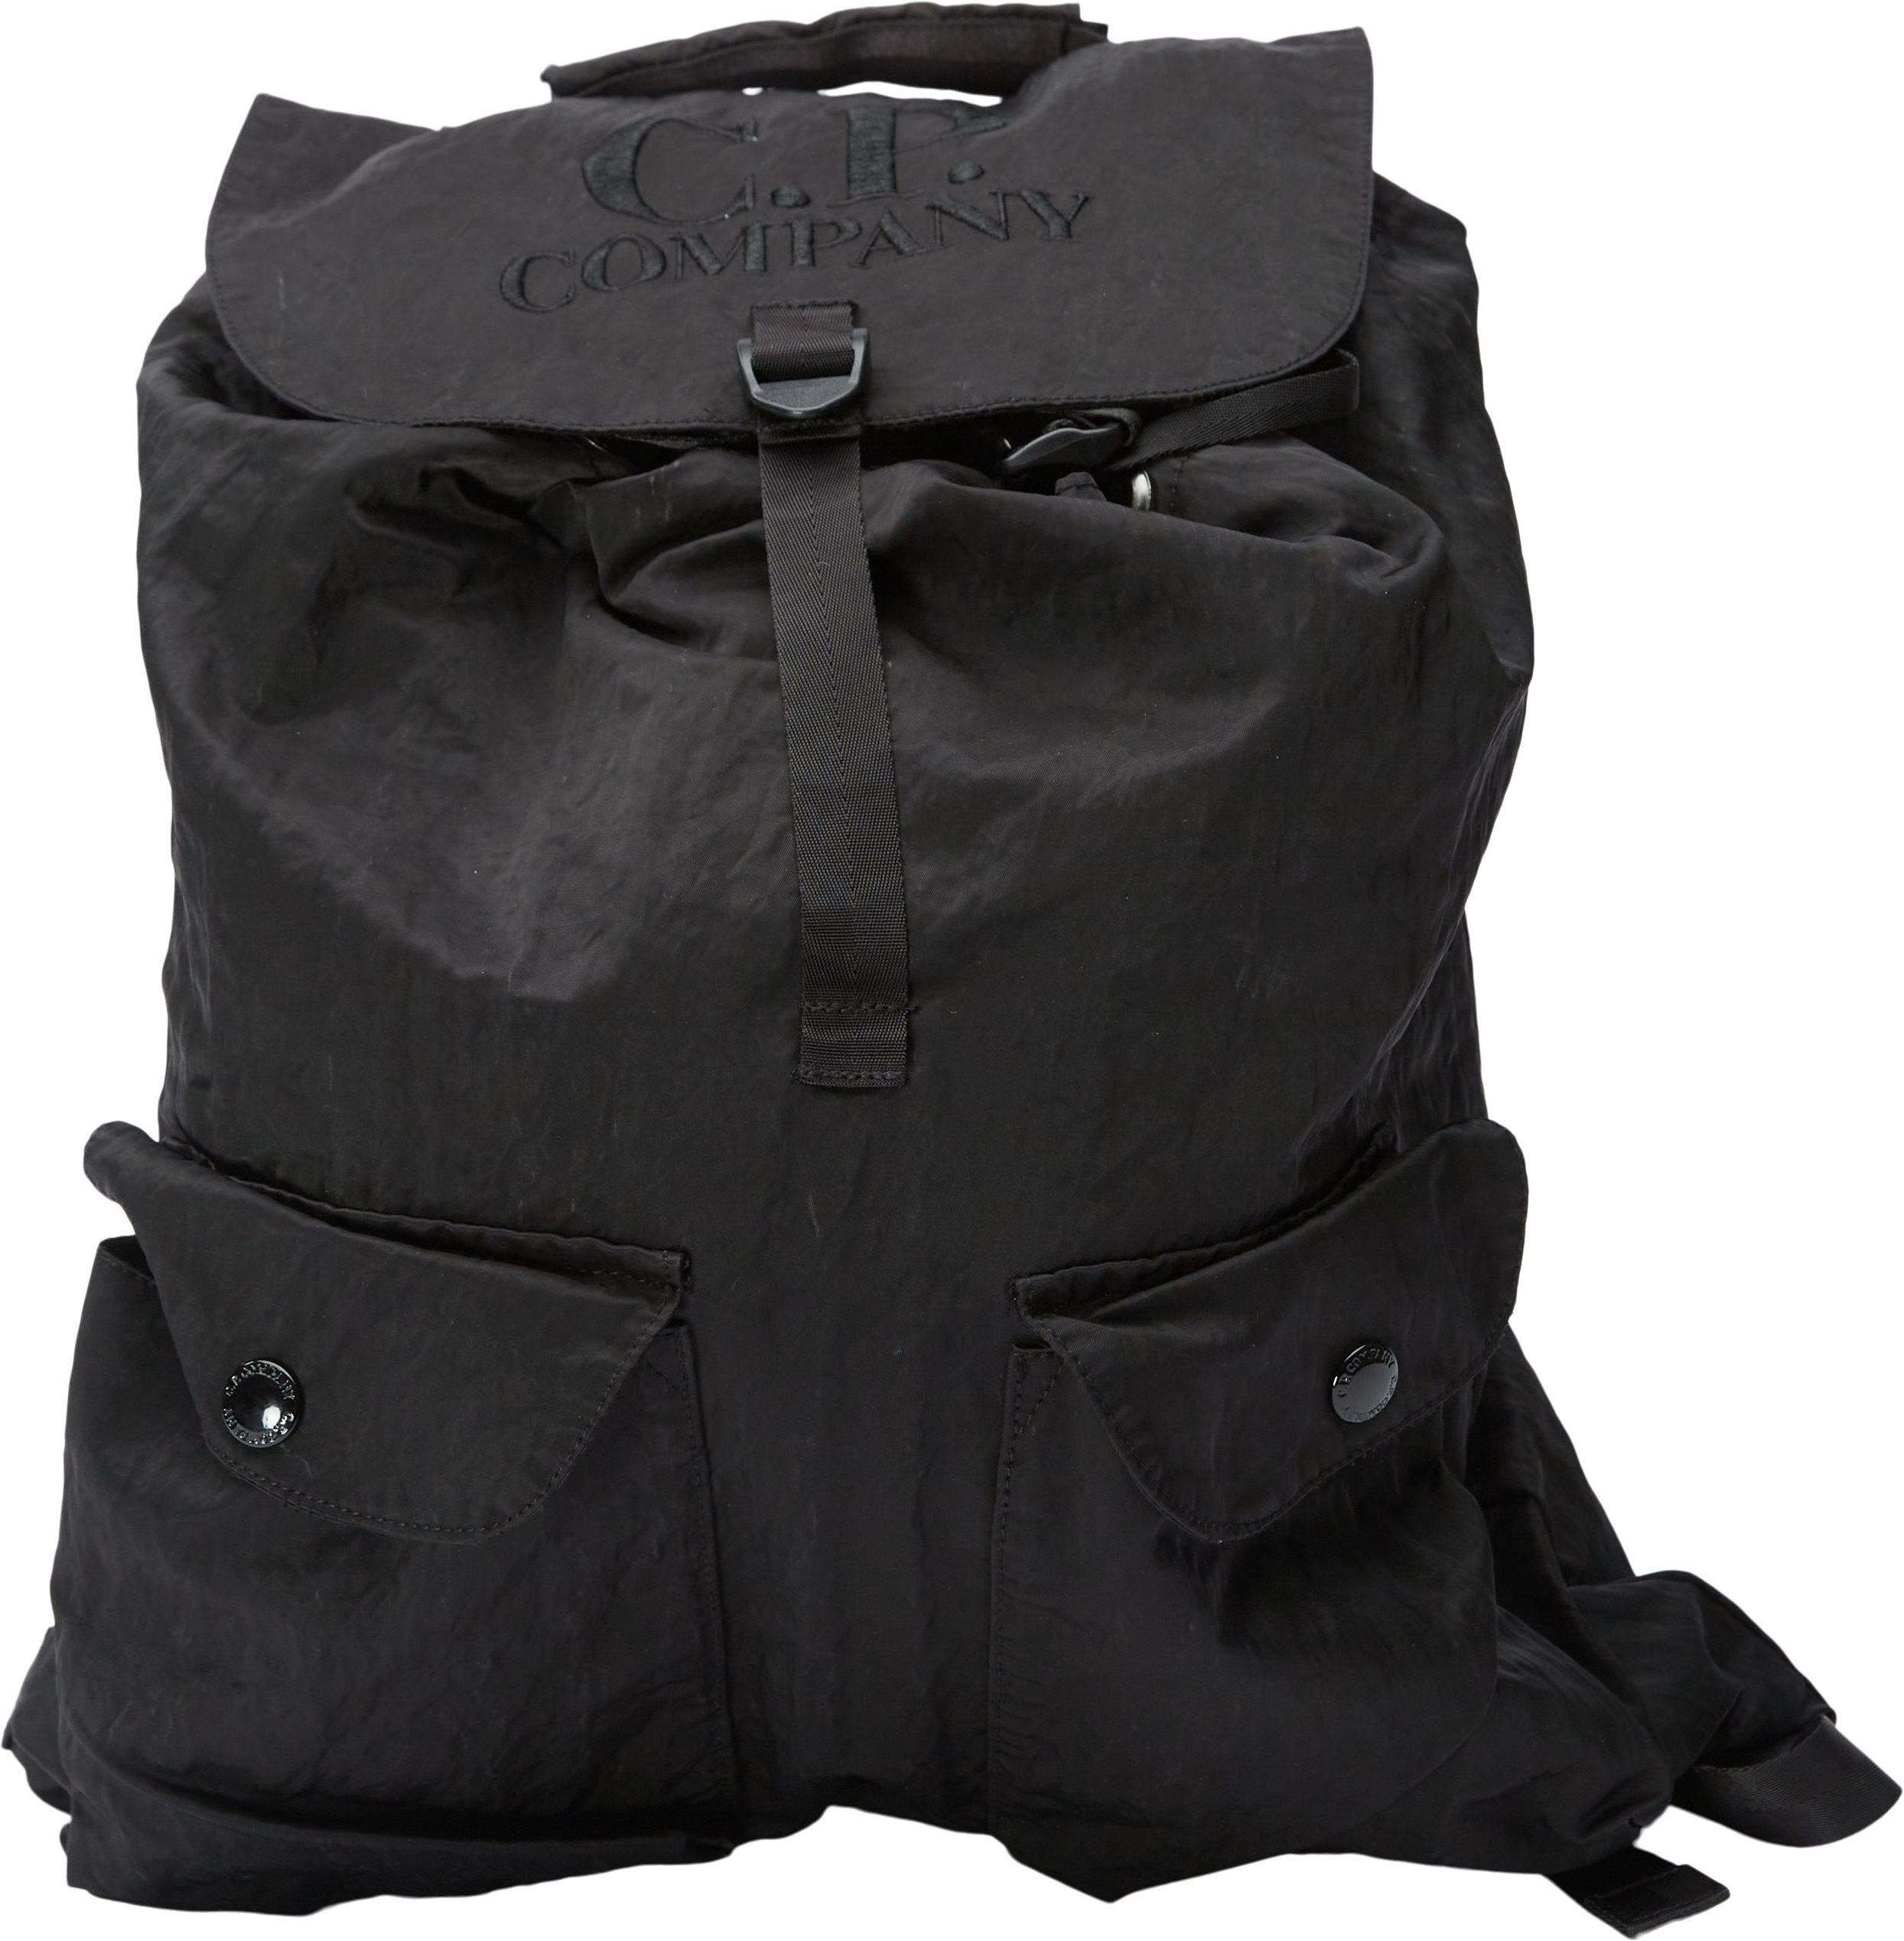 Nylon Bag - Tasker - Sort